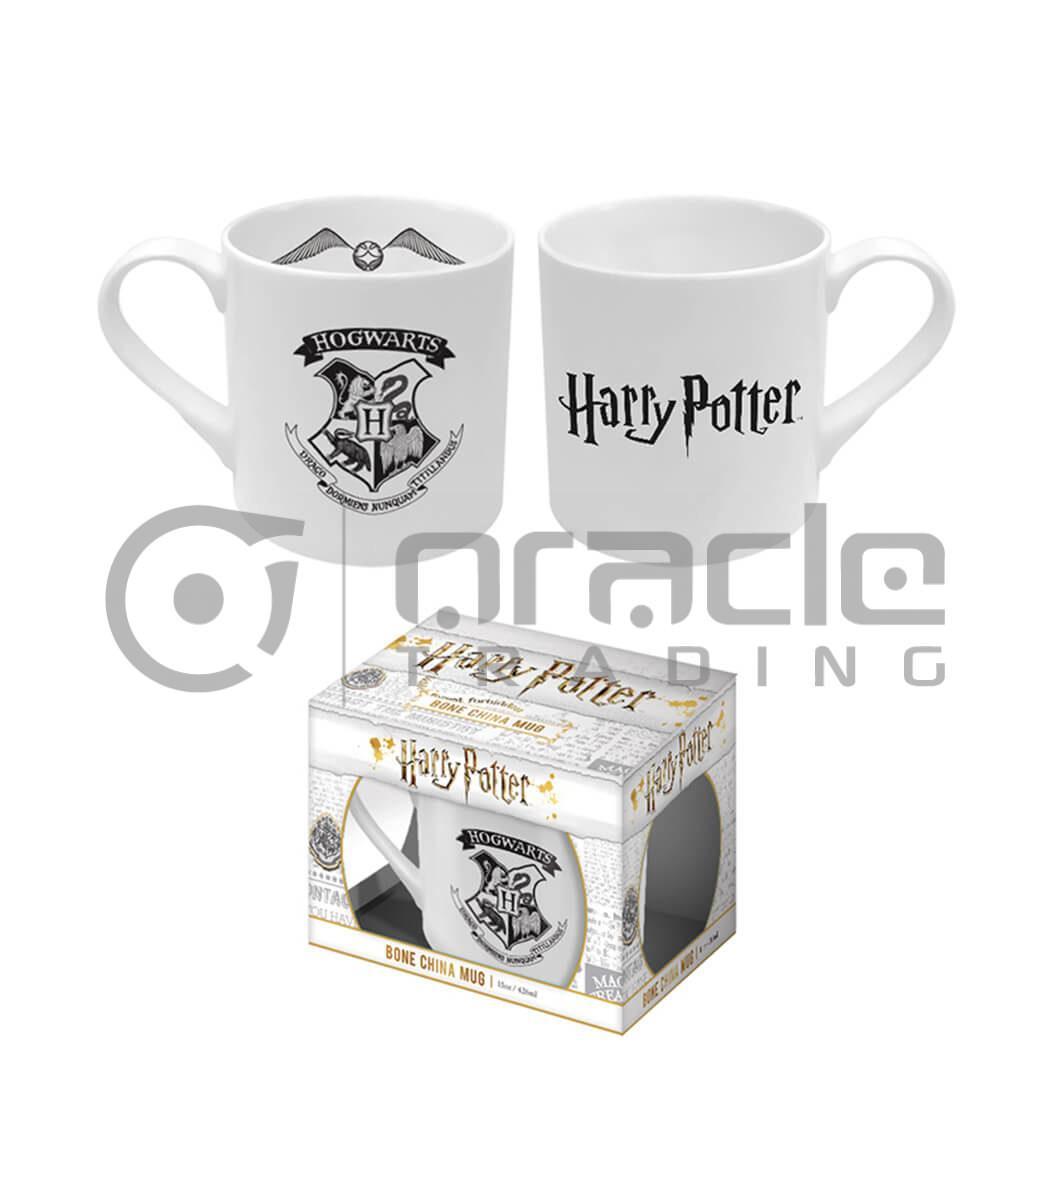 Harry Potter Bone China Mug - Hogwarts